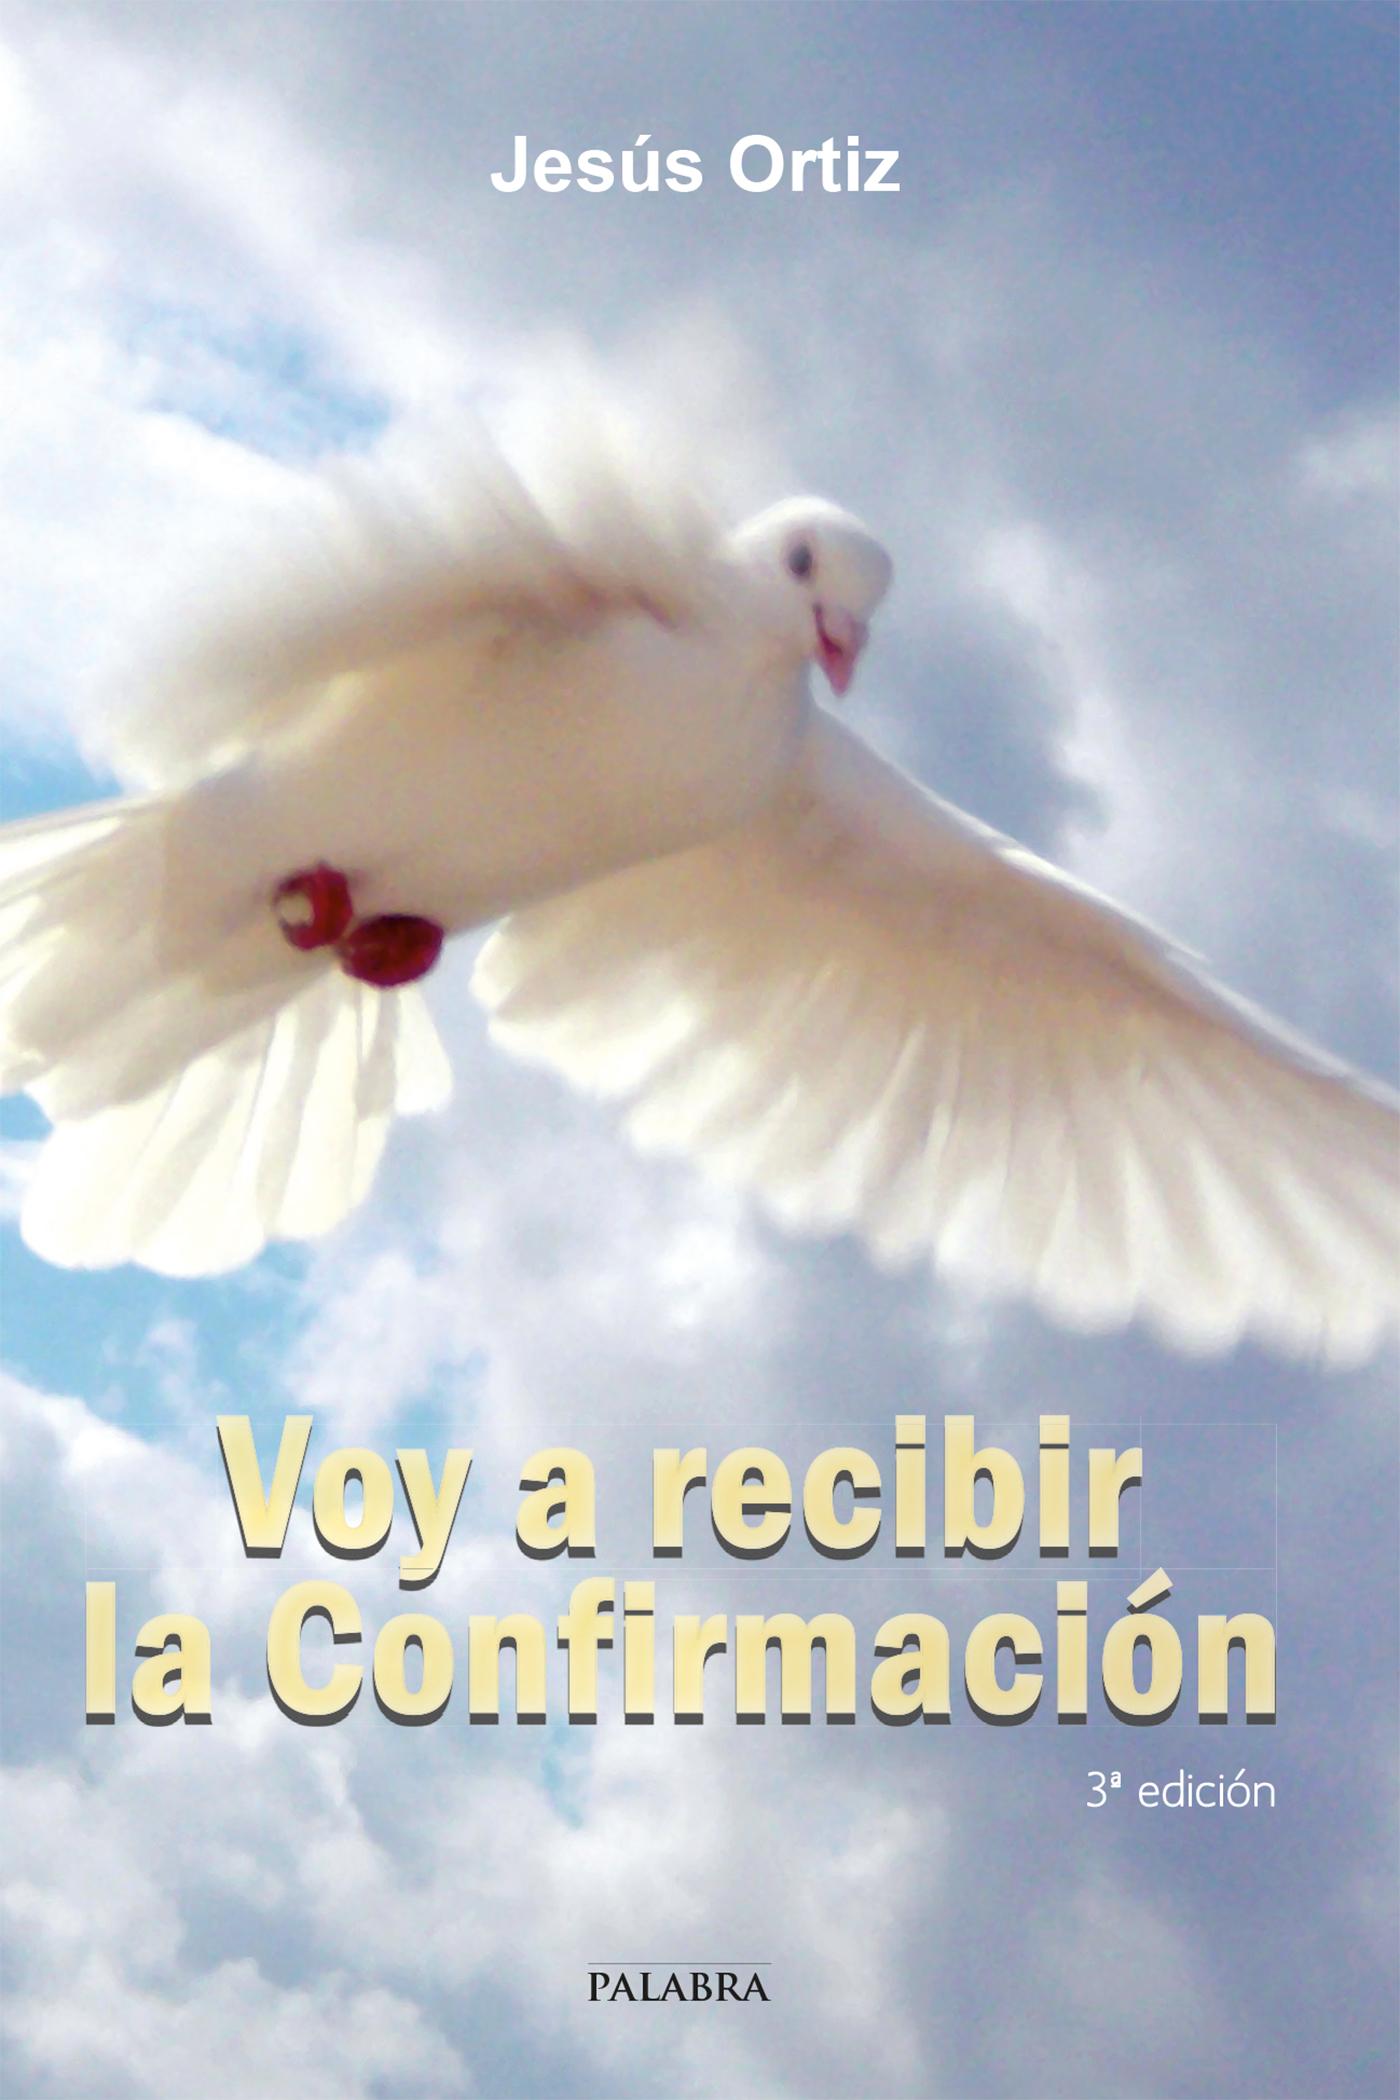 Libro: Voy a recibir la Confirmación de Jesús Ortiz López